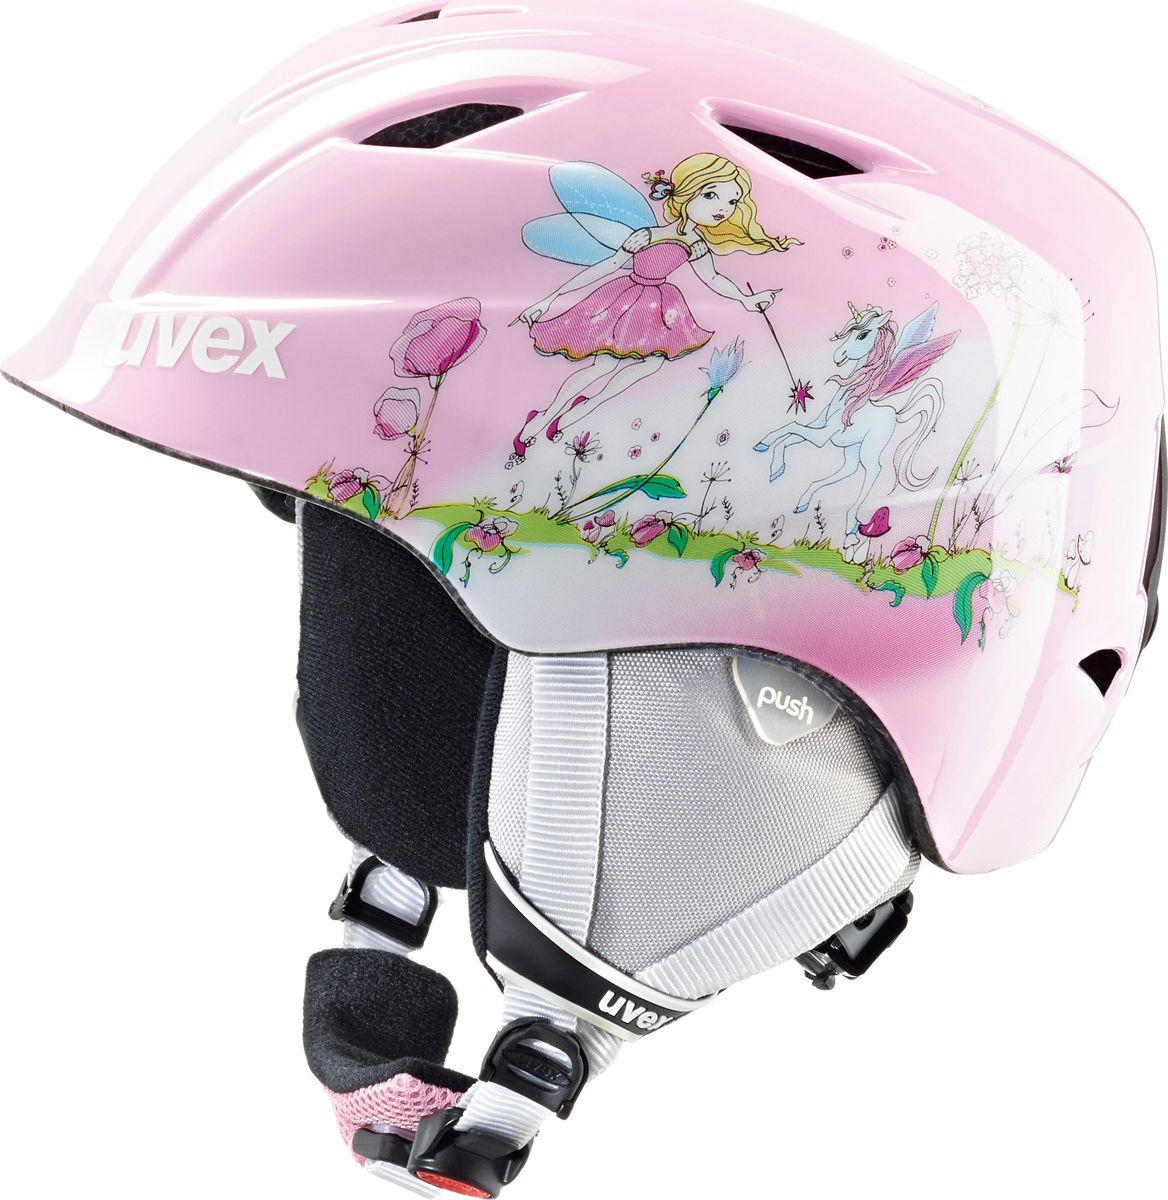 Шлем горнолыжный Uvex Airwing 2 Kids Helmet, фе. Размер S6132Детский шлем Uvex Airwing 2 обеспечит юному лыжнику максимальный комфорт на склоне. В модели предусмотрены система вентиляции, съемная защита ушей и фиксатор стрэпа маски. Система индивидуальной подгонки размера IAS и застежка Monomatic позволят надежно закрепить шлем на голове. Подкладка выполнена из гипоаллергенного материала.